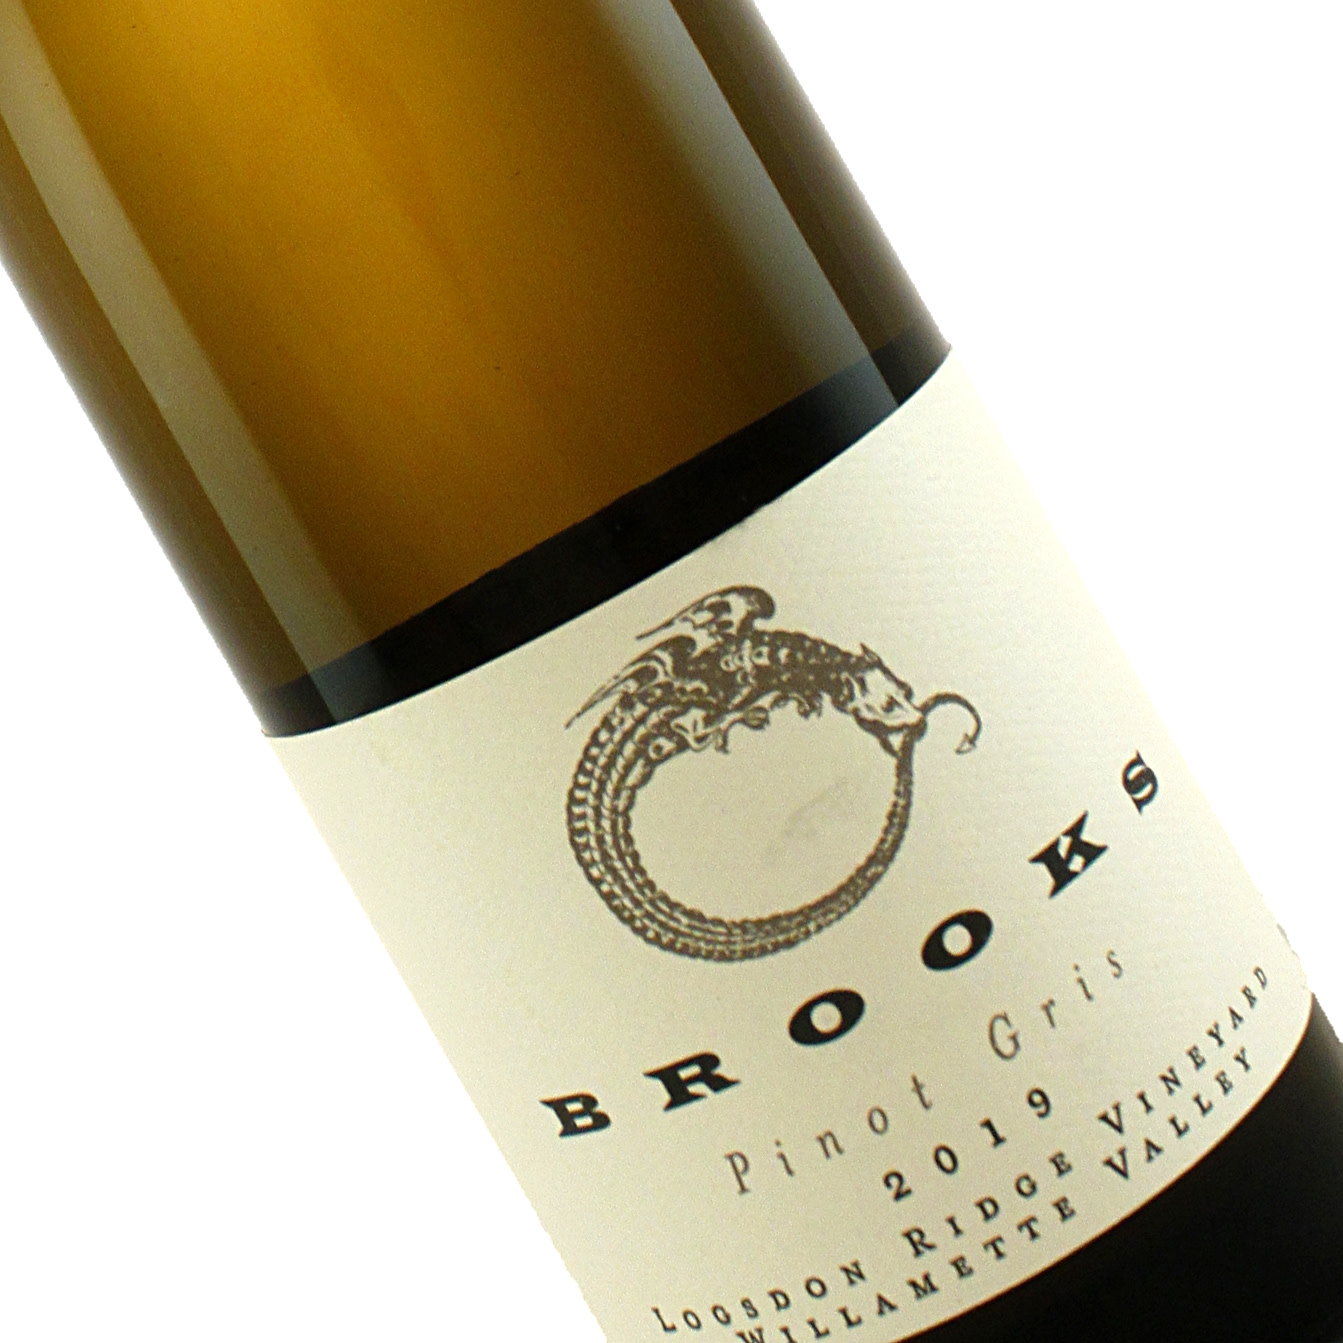 Brooks 2019 Pinot Gris Logsdon Ridge Vineyard, Willamette Valley